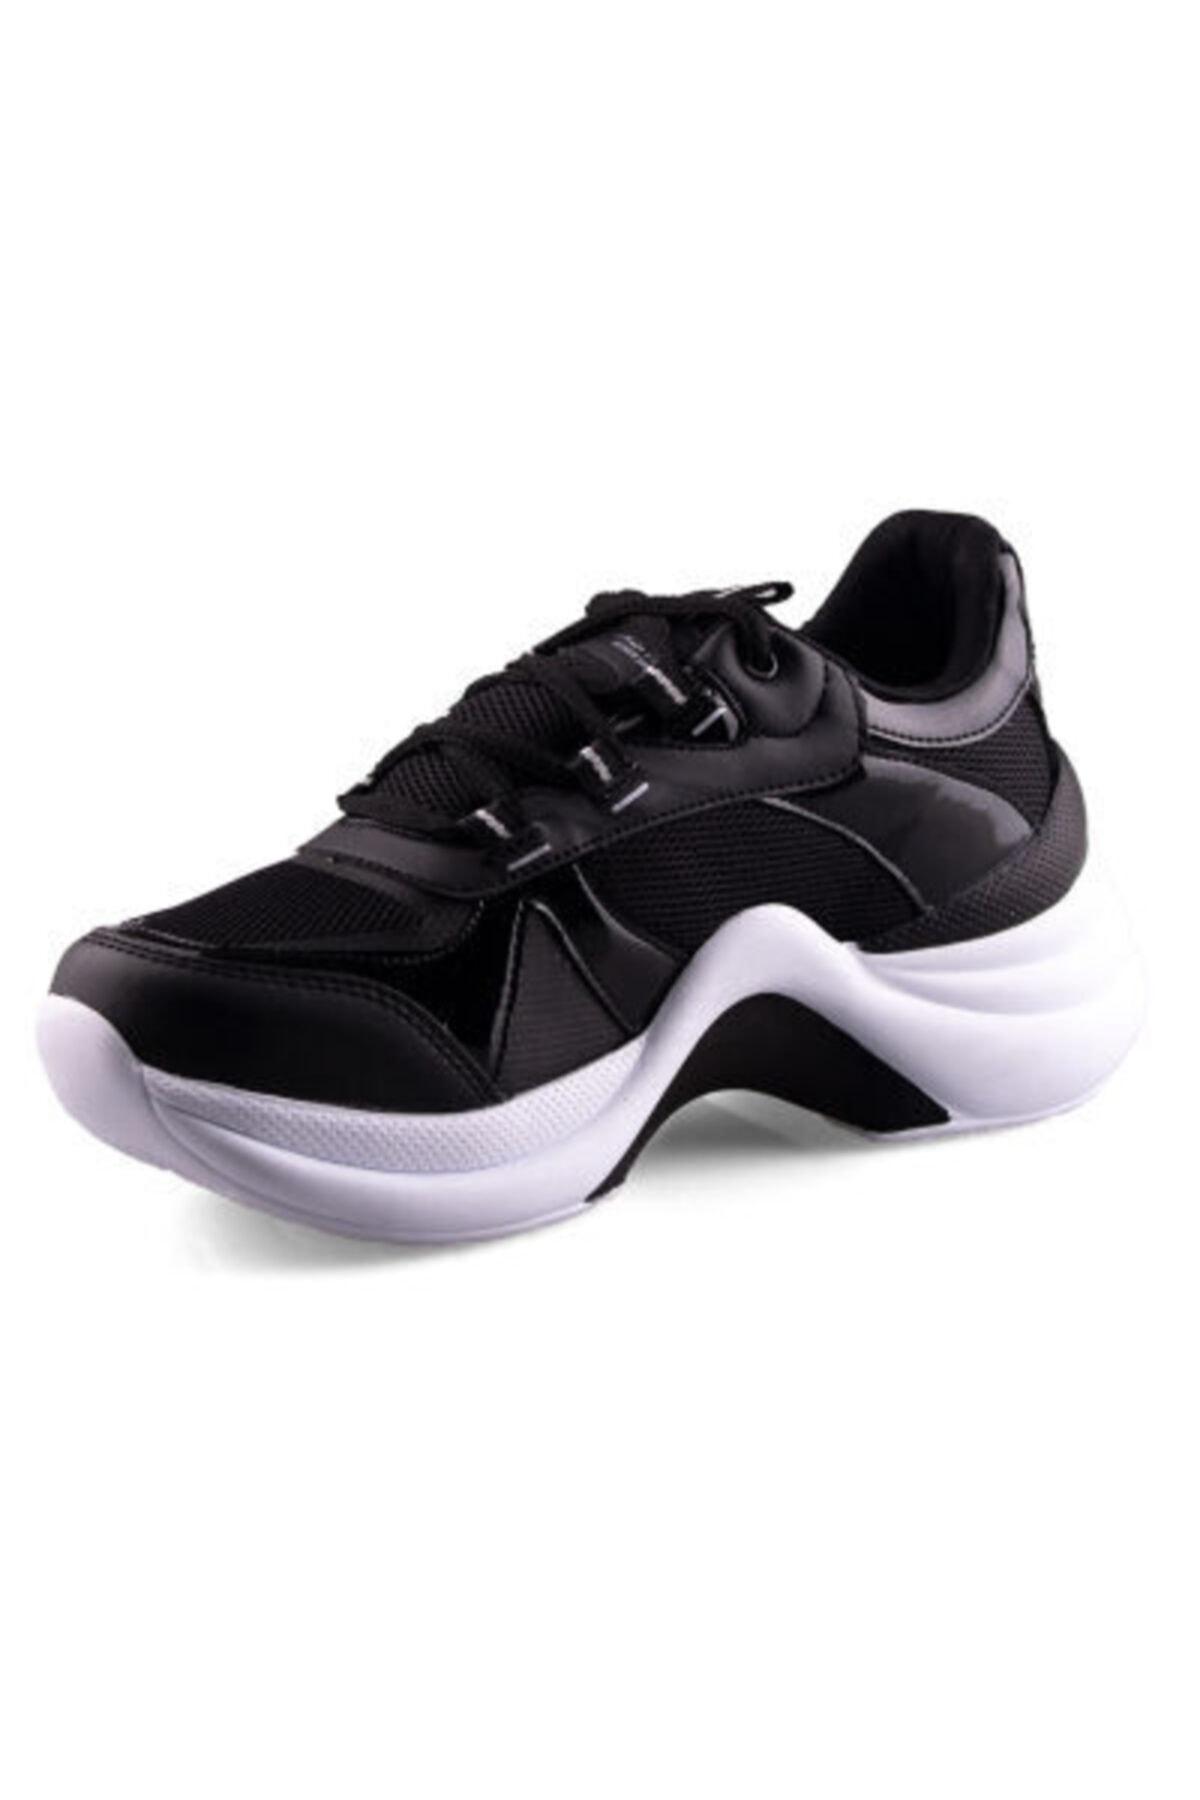 Twingo Bayan Siyah Yüksek Kalın Taban Günlük Spor Ayakkabı 2